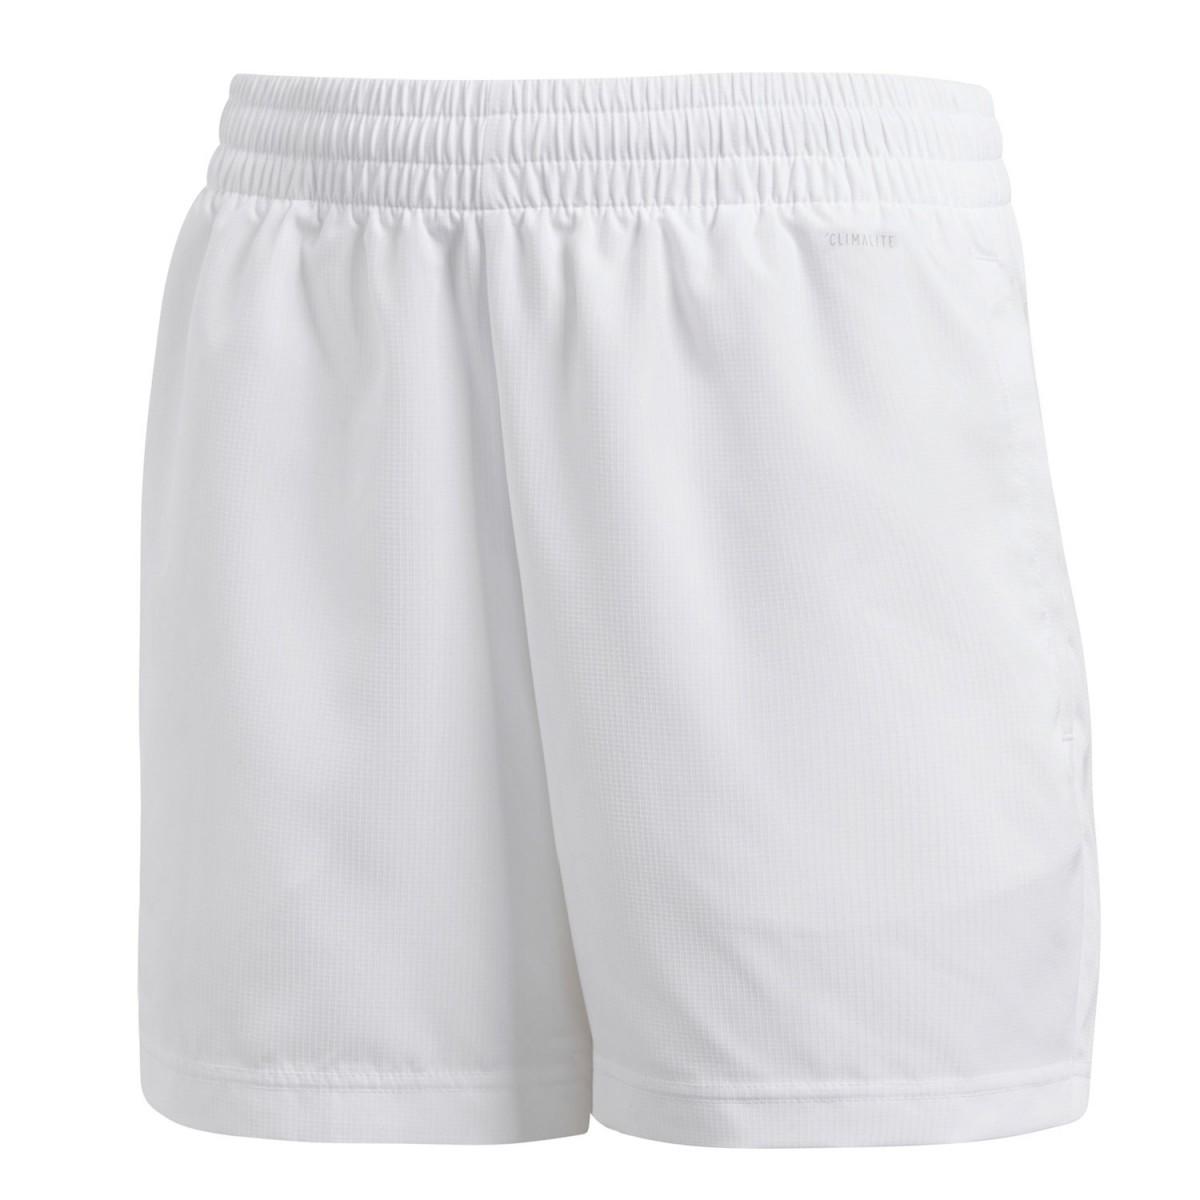 Теннисные шорты детские Adidas Club 4in Short white